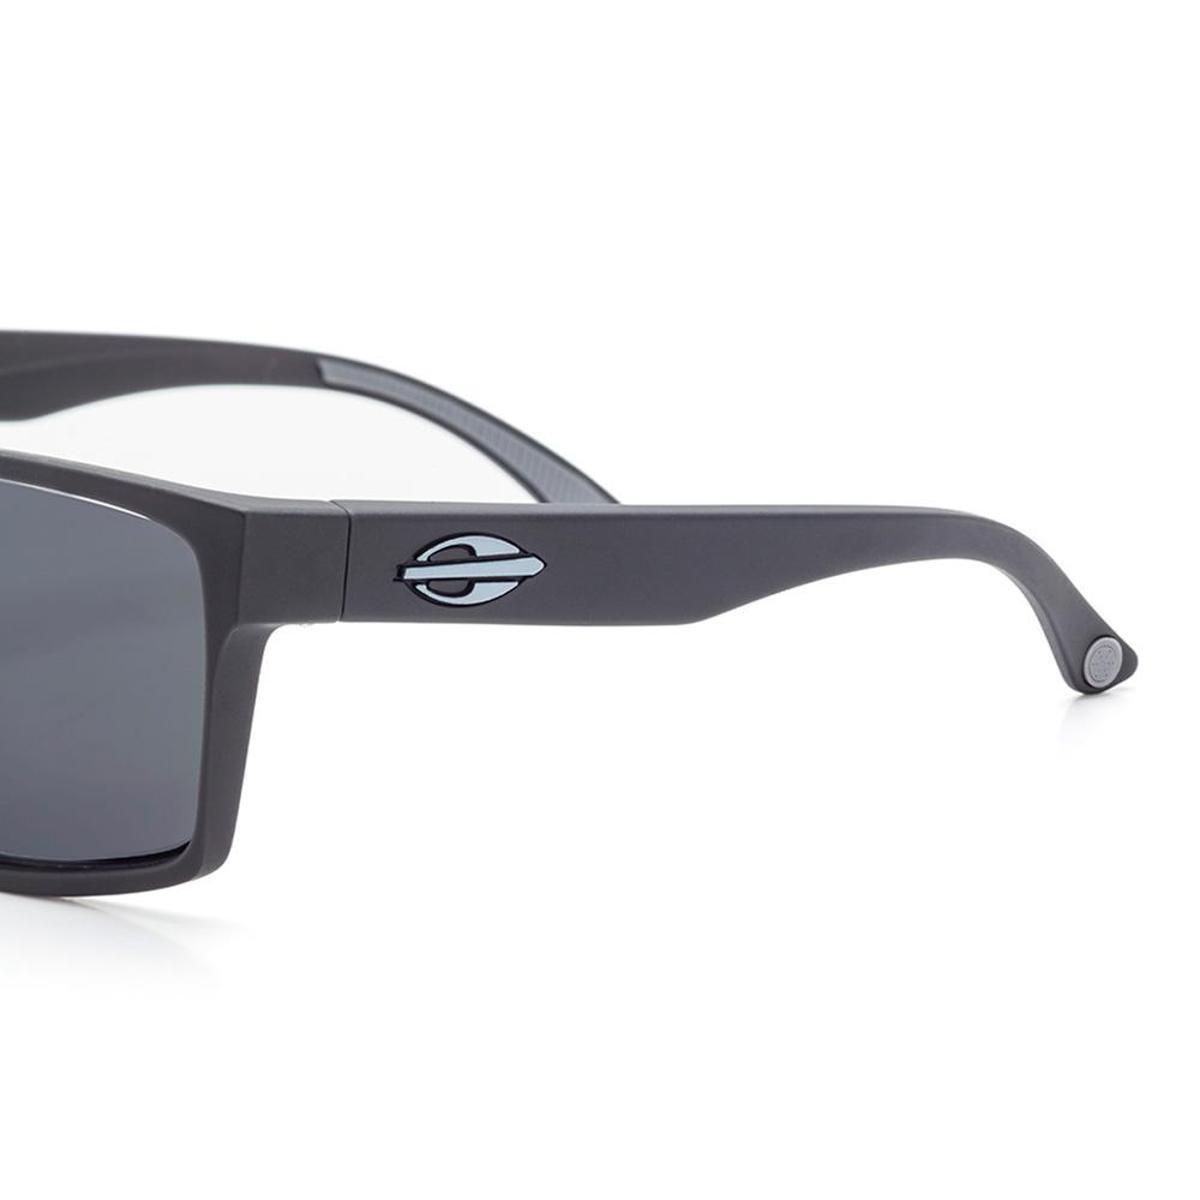 Óculos De Sol Mormaii Carmel Nxt Infantil - Preto - Compre Agora ... f7e95c2e2f